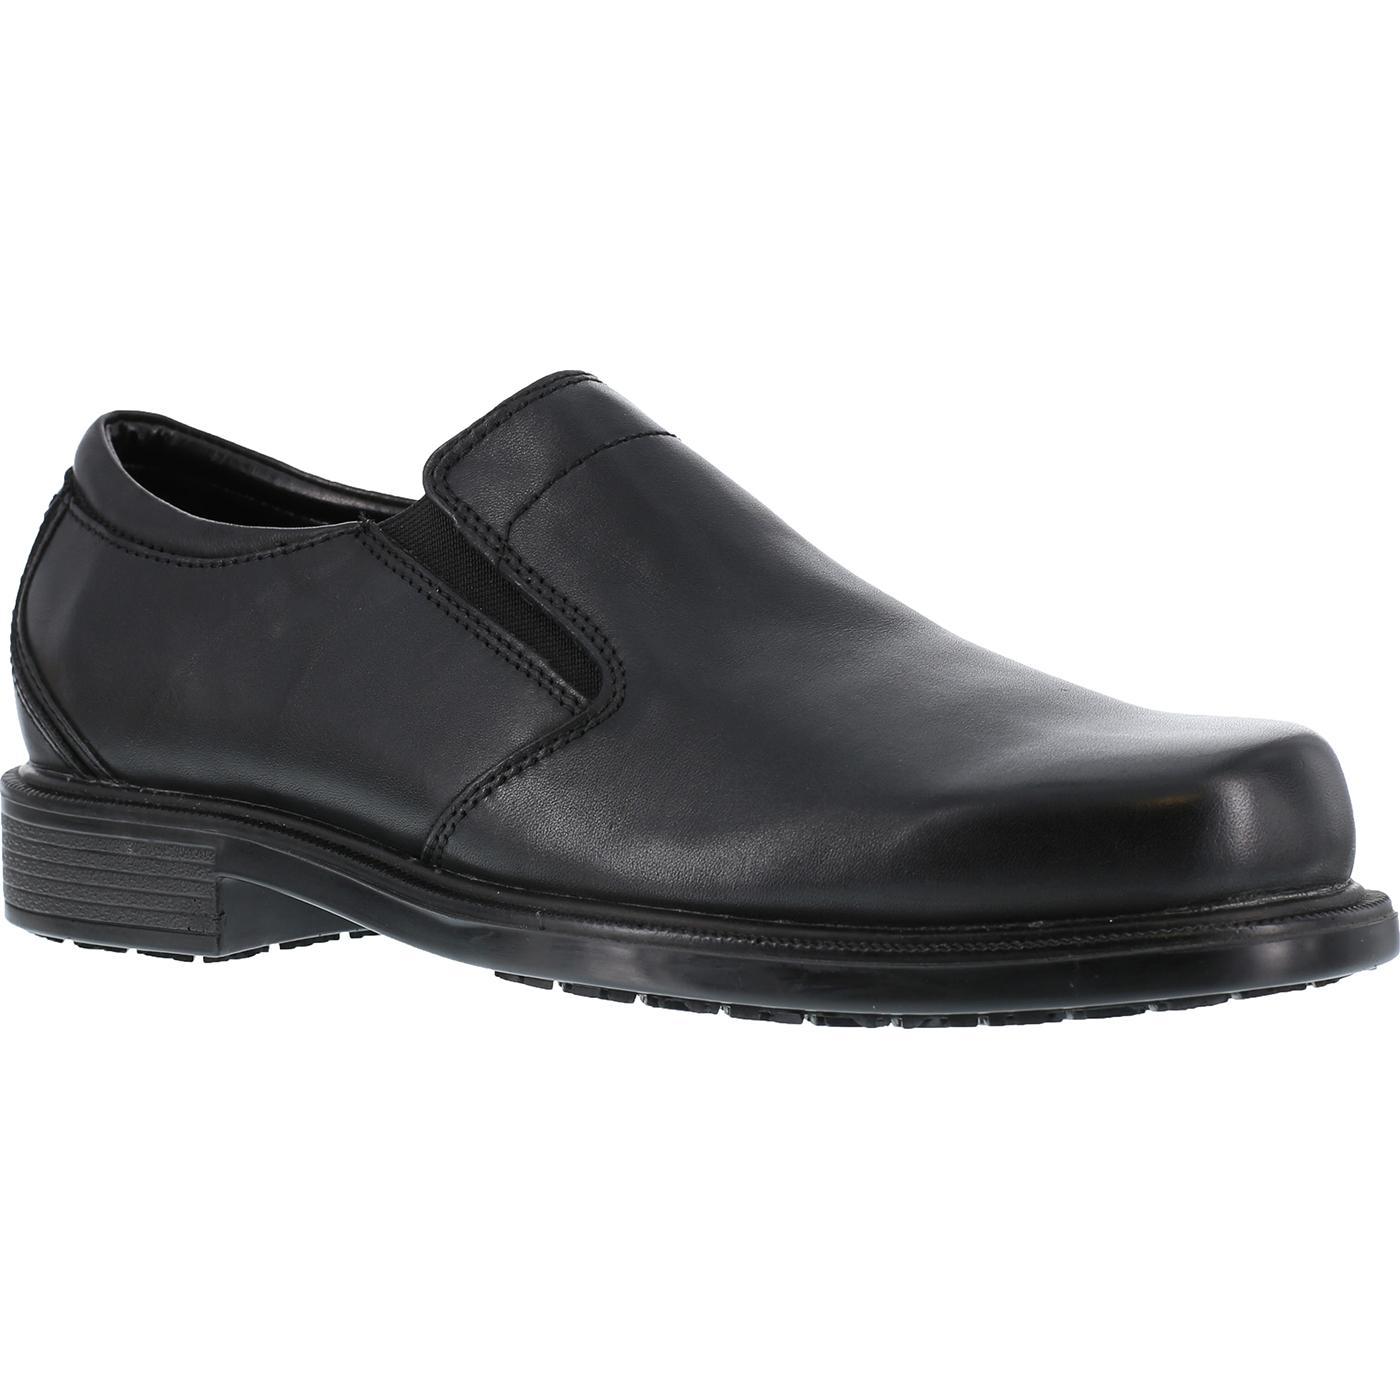 Rockport Work Up Slip-Resistant Slip-On Work ShoeRockport Work Up  Slip-Resistant Slip-On Work Shoe 06ff89c00